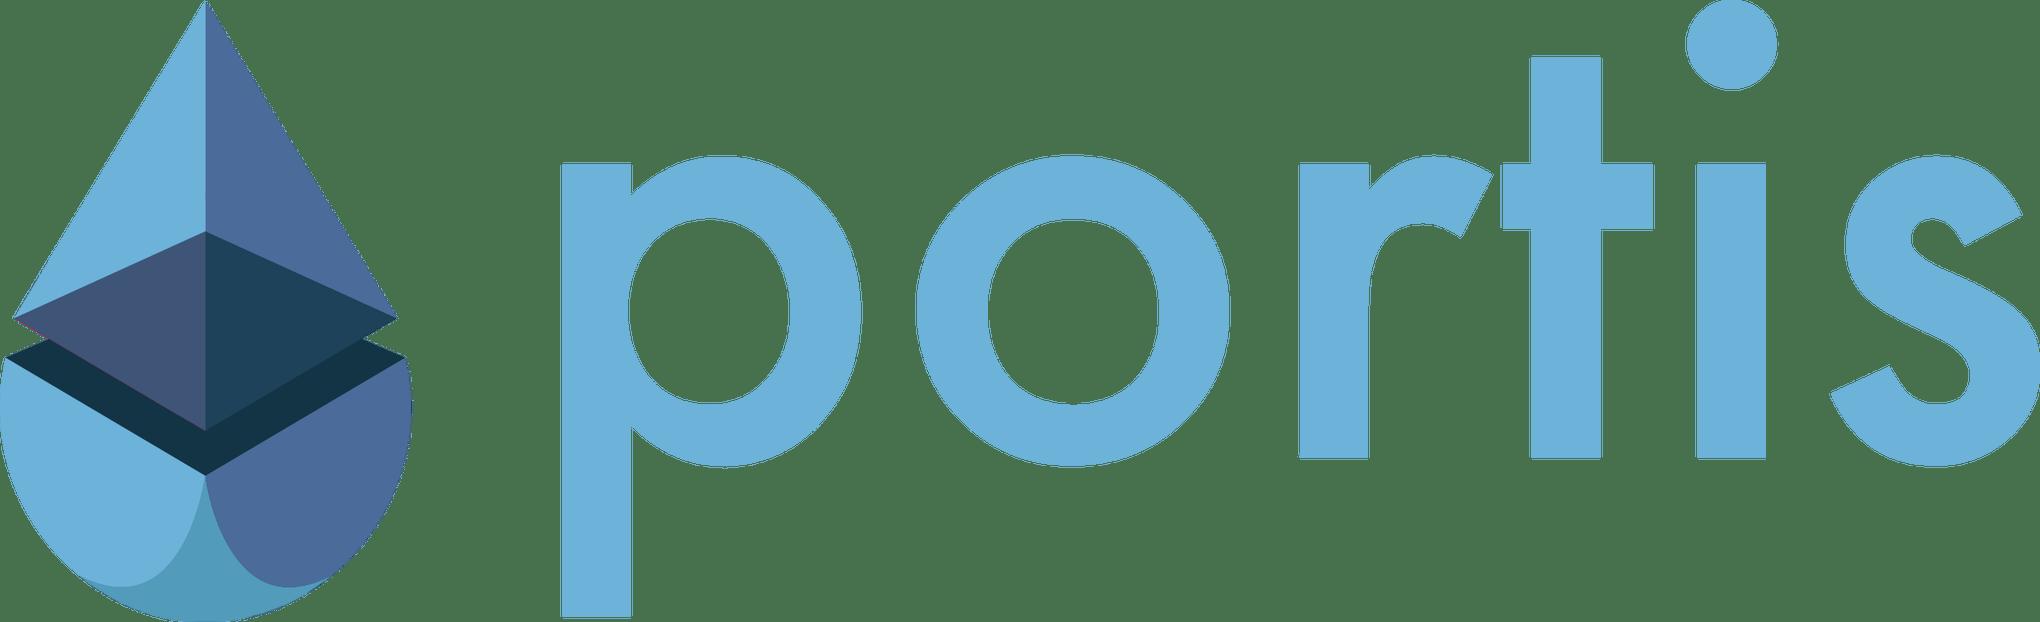 portis_logo_large.png